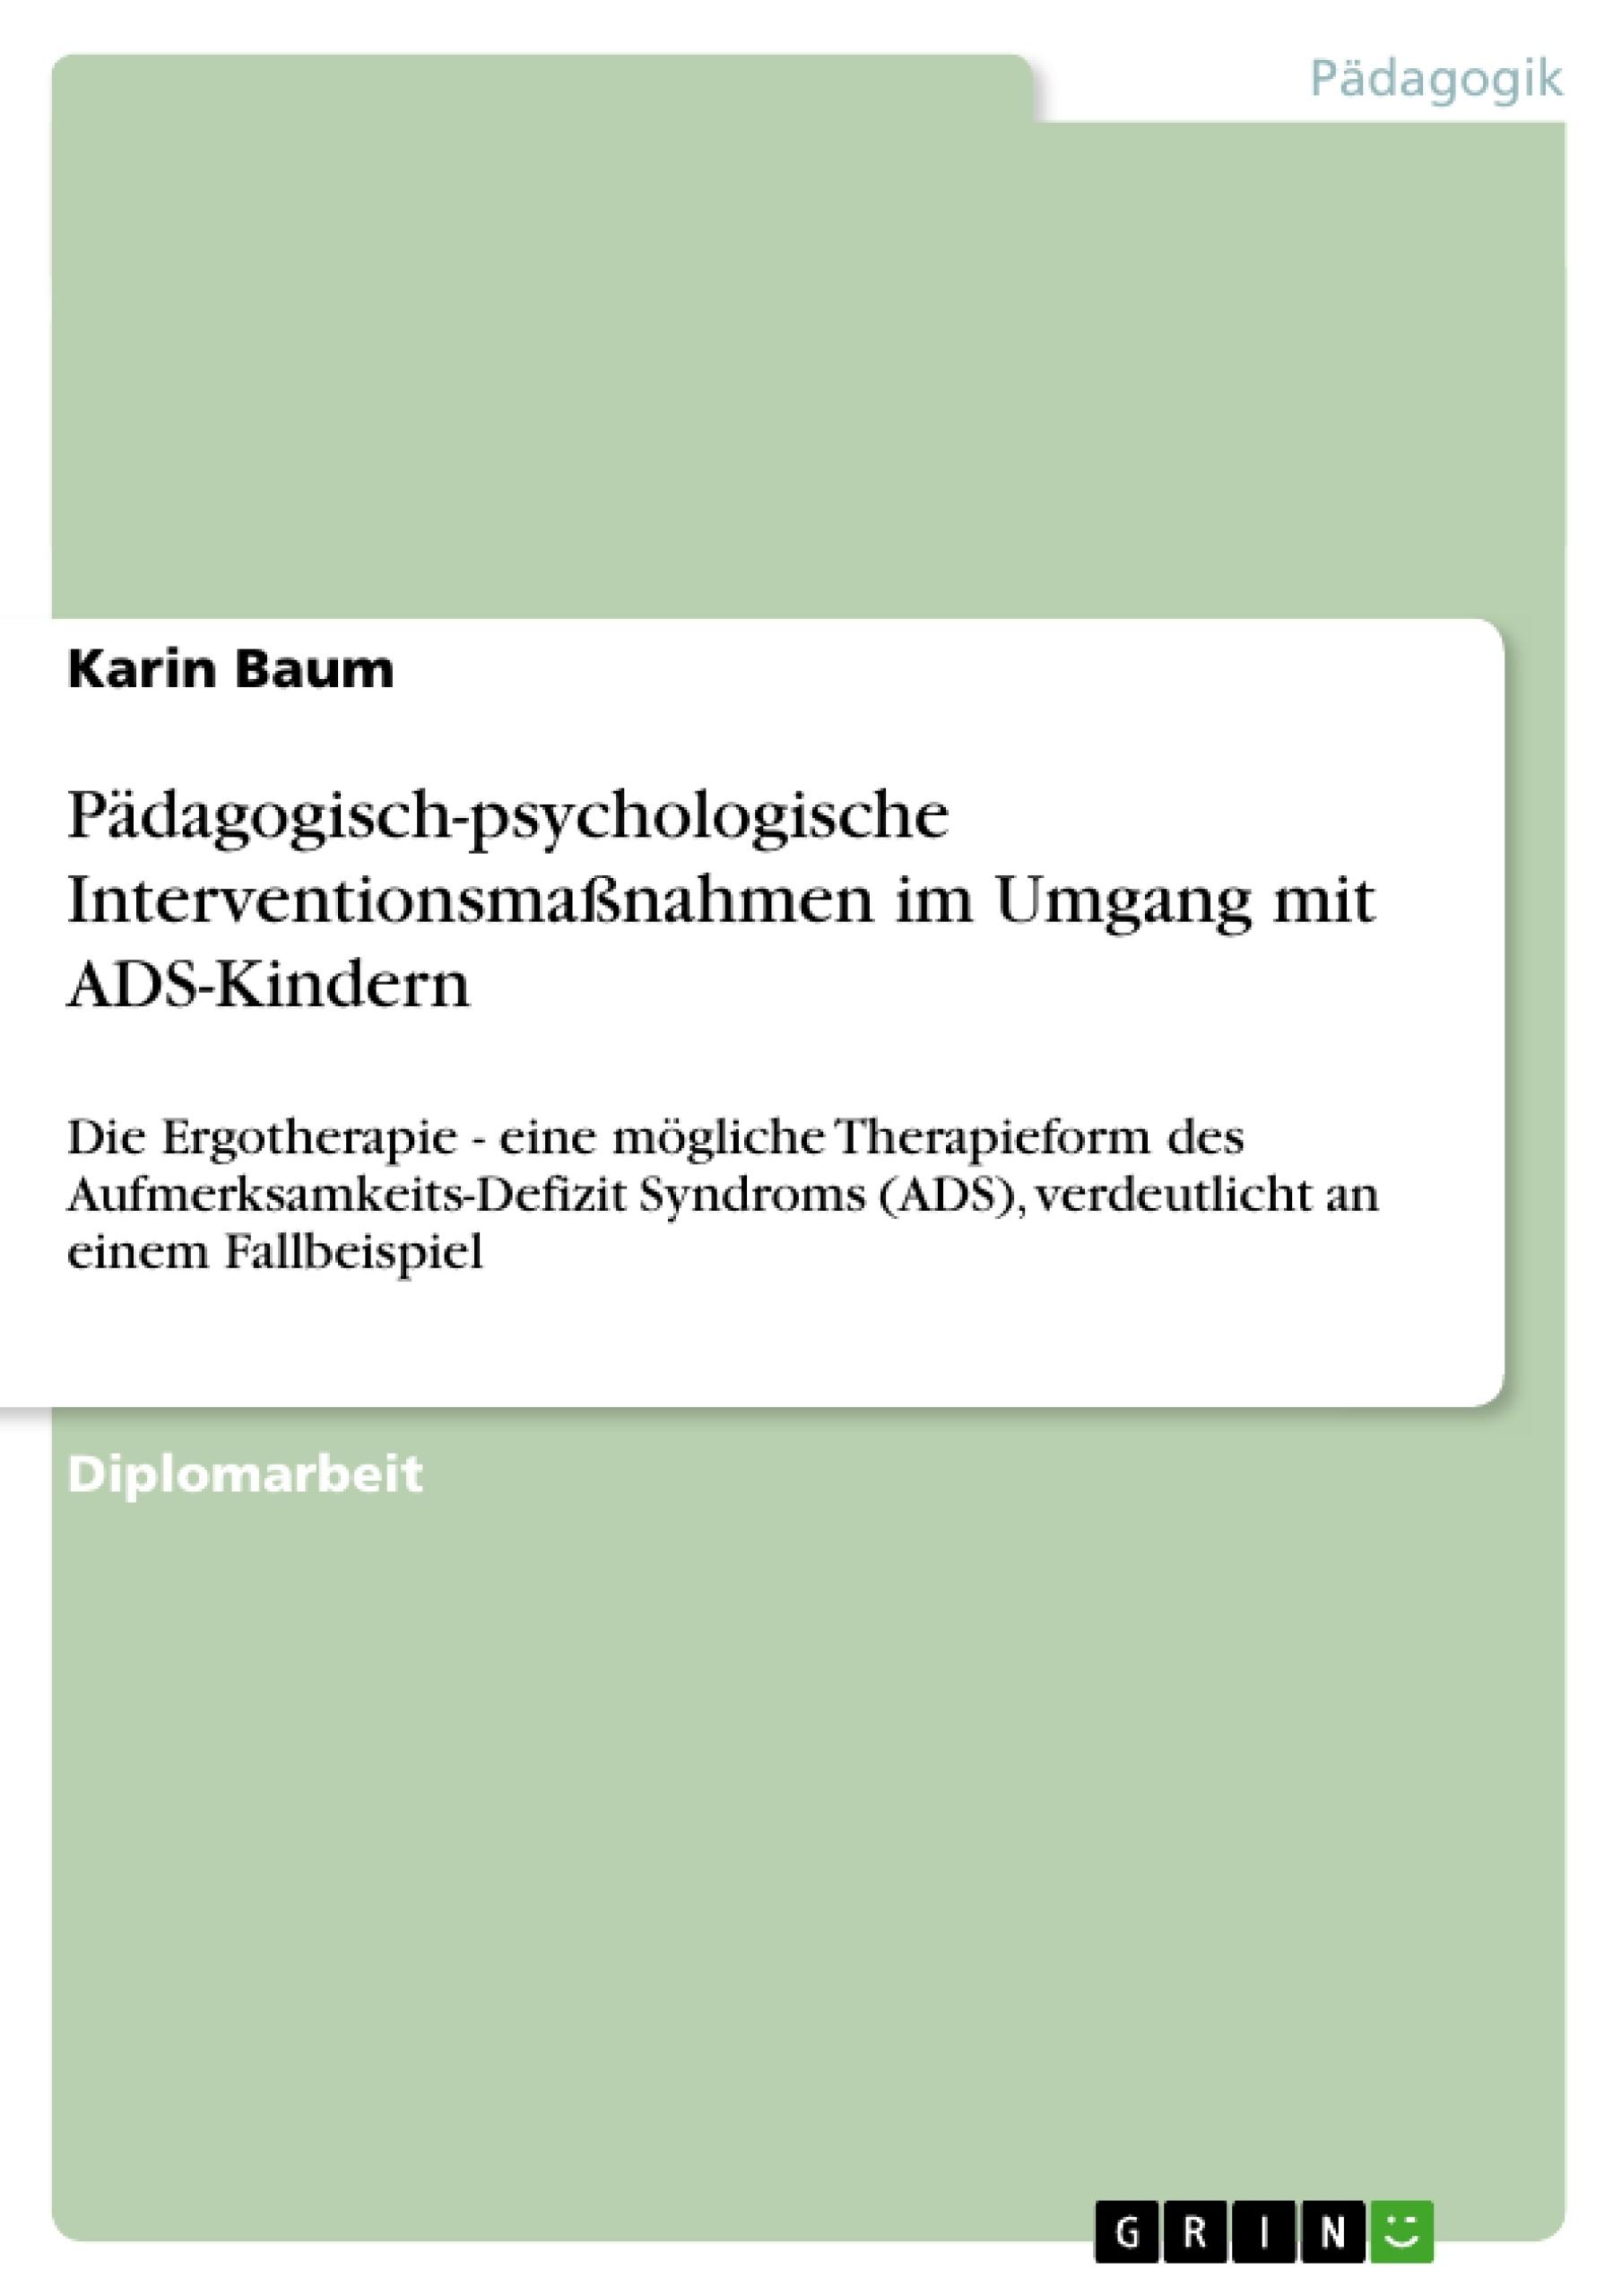 Titel: Pädagogisch-psychologische Interventionsmaßnahmen im Umgang mit ADS-Kindern